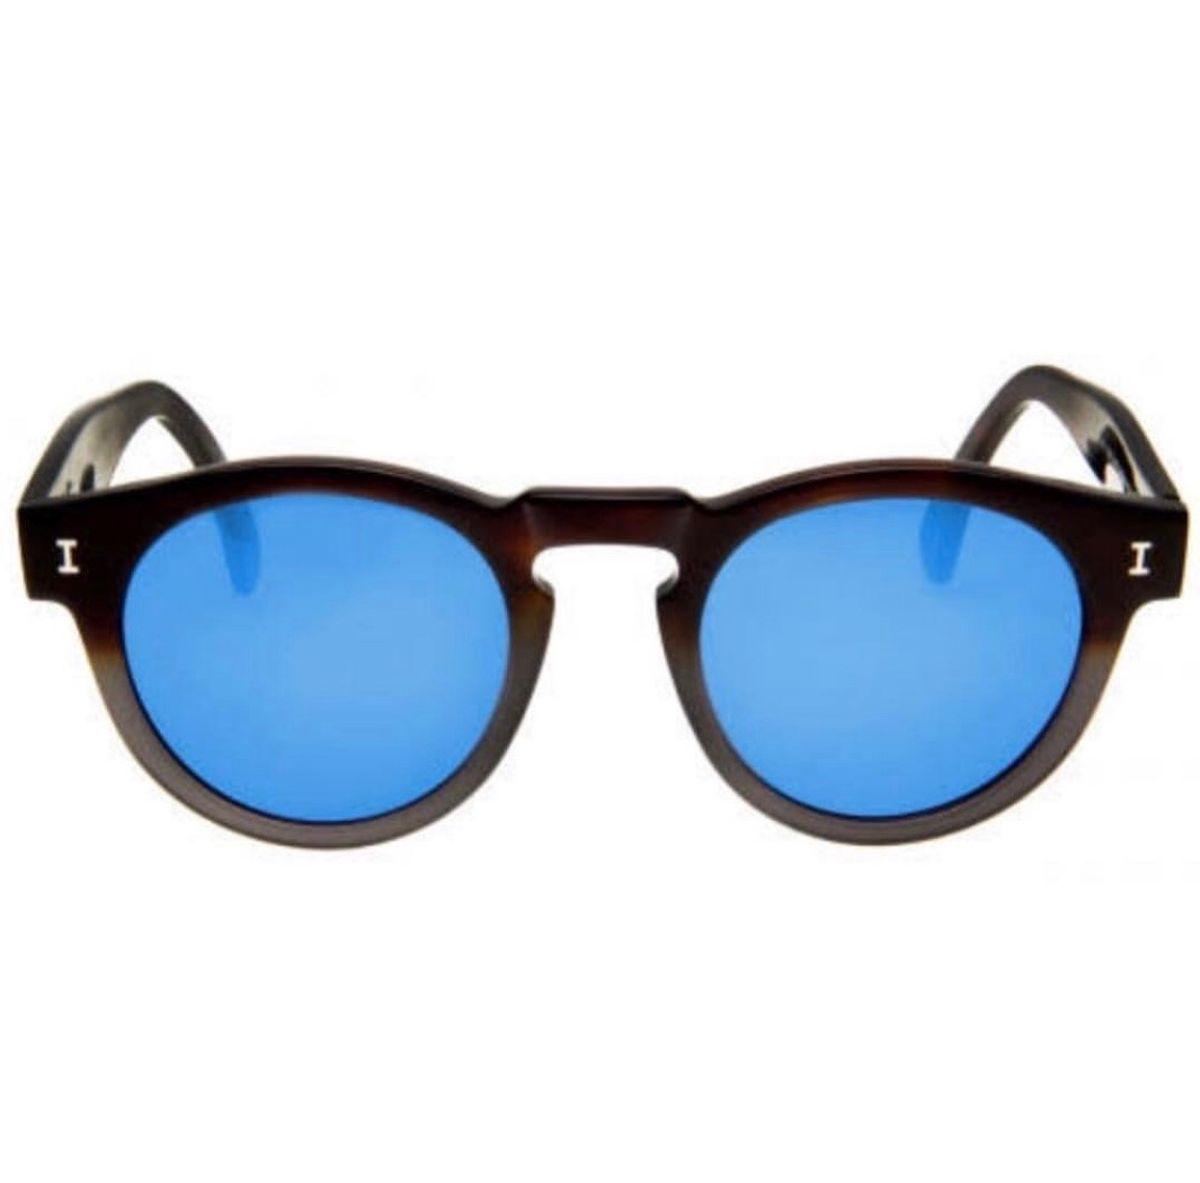 a711240fa Oculos de Sol Illesteva Leonard | Óculos Feminino Illesteva Usado ...